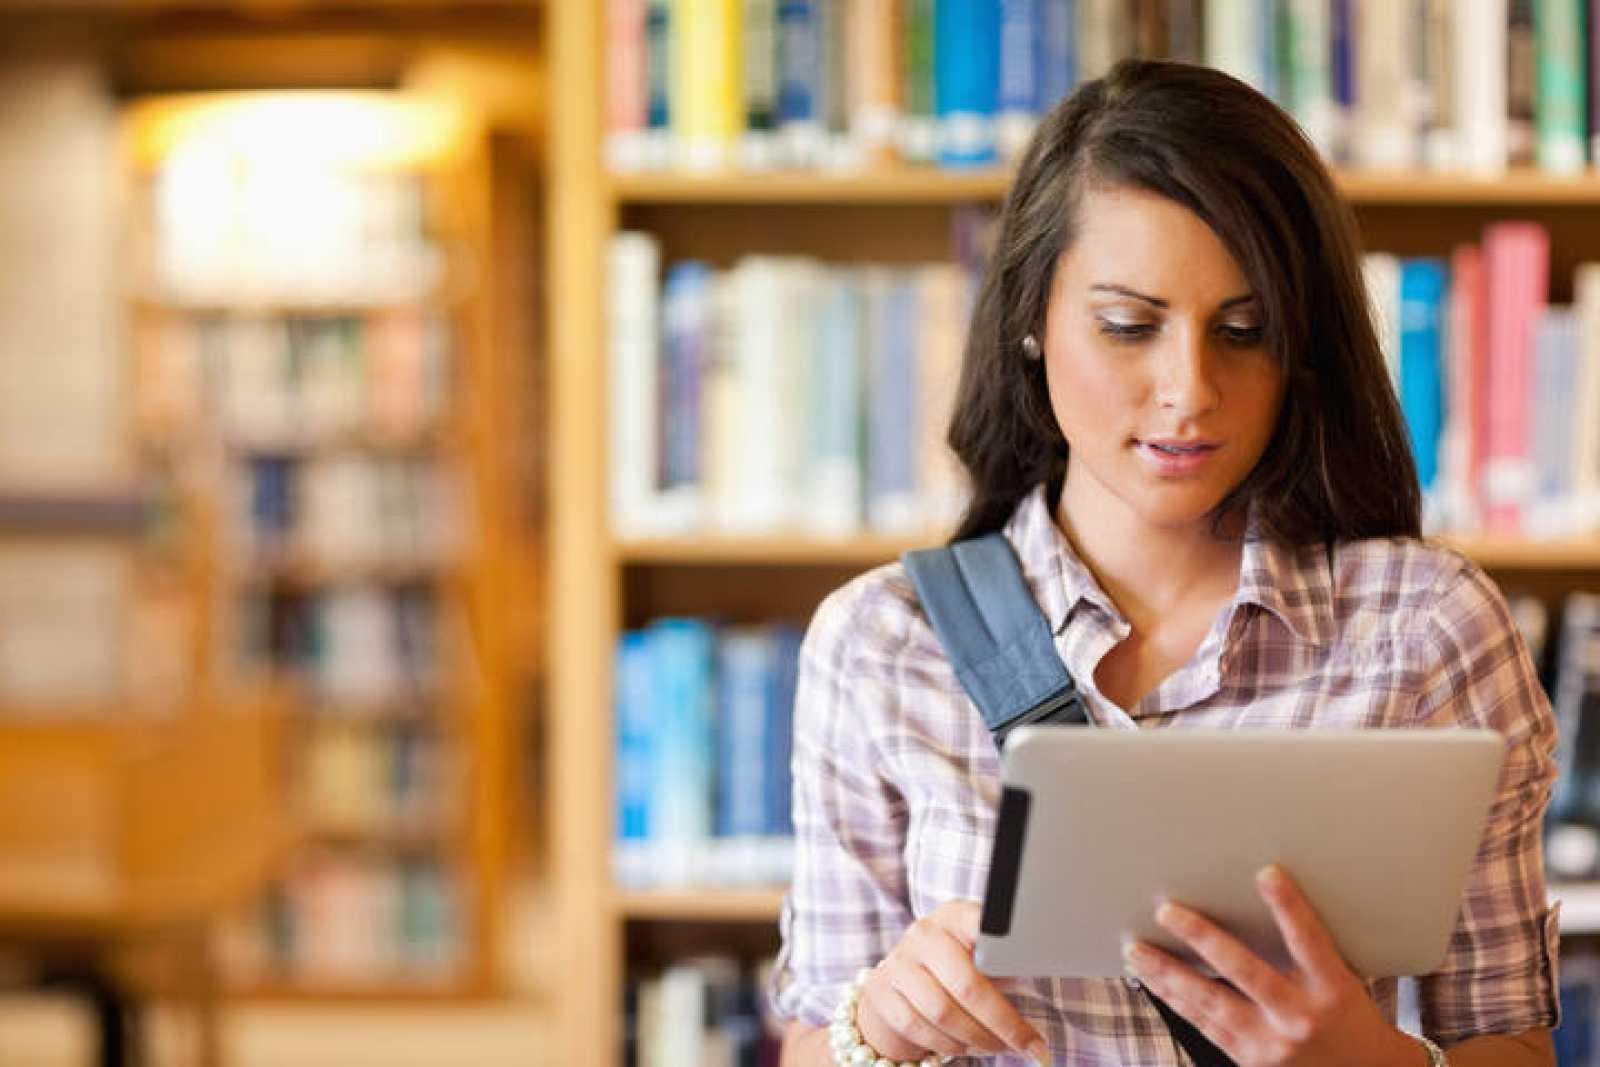 Estudiante usando una tableta.